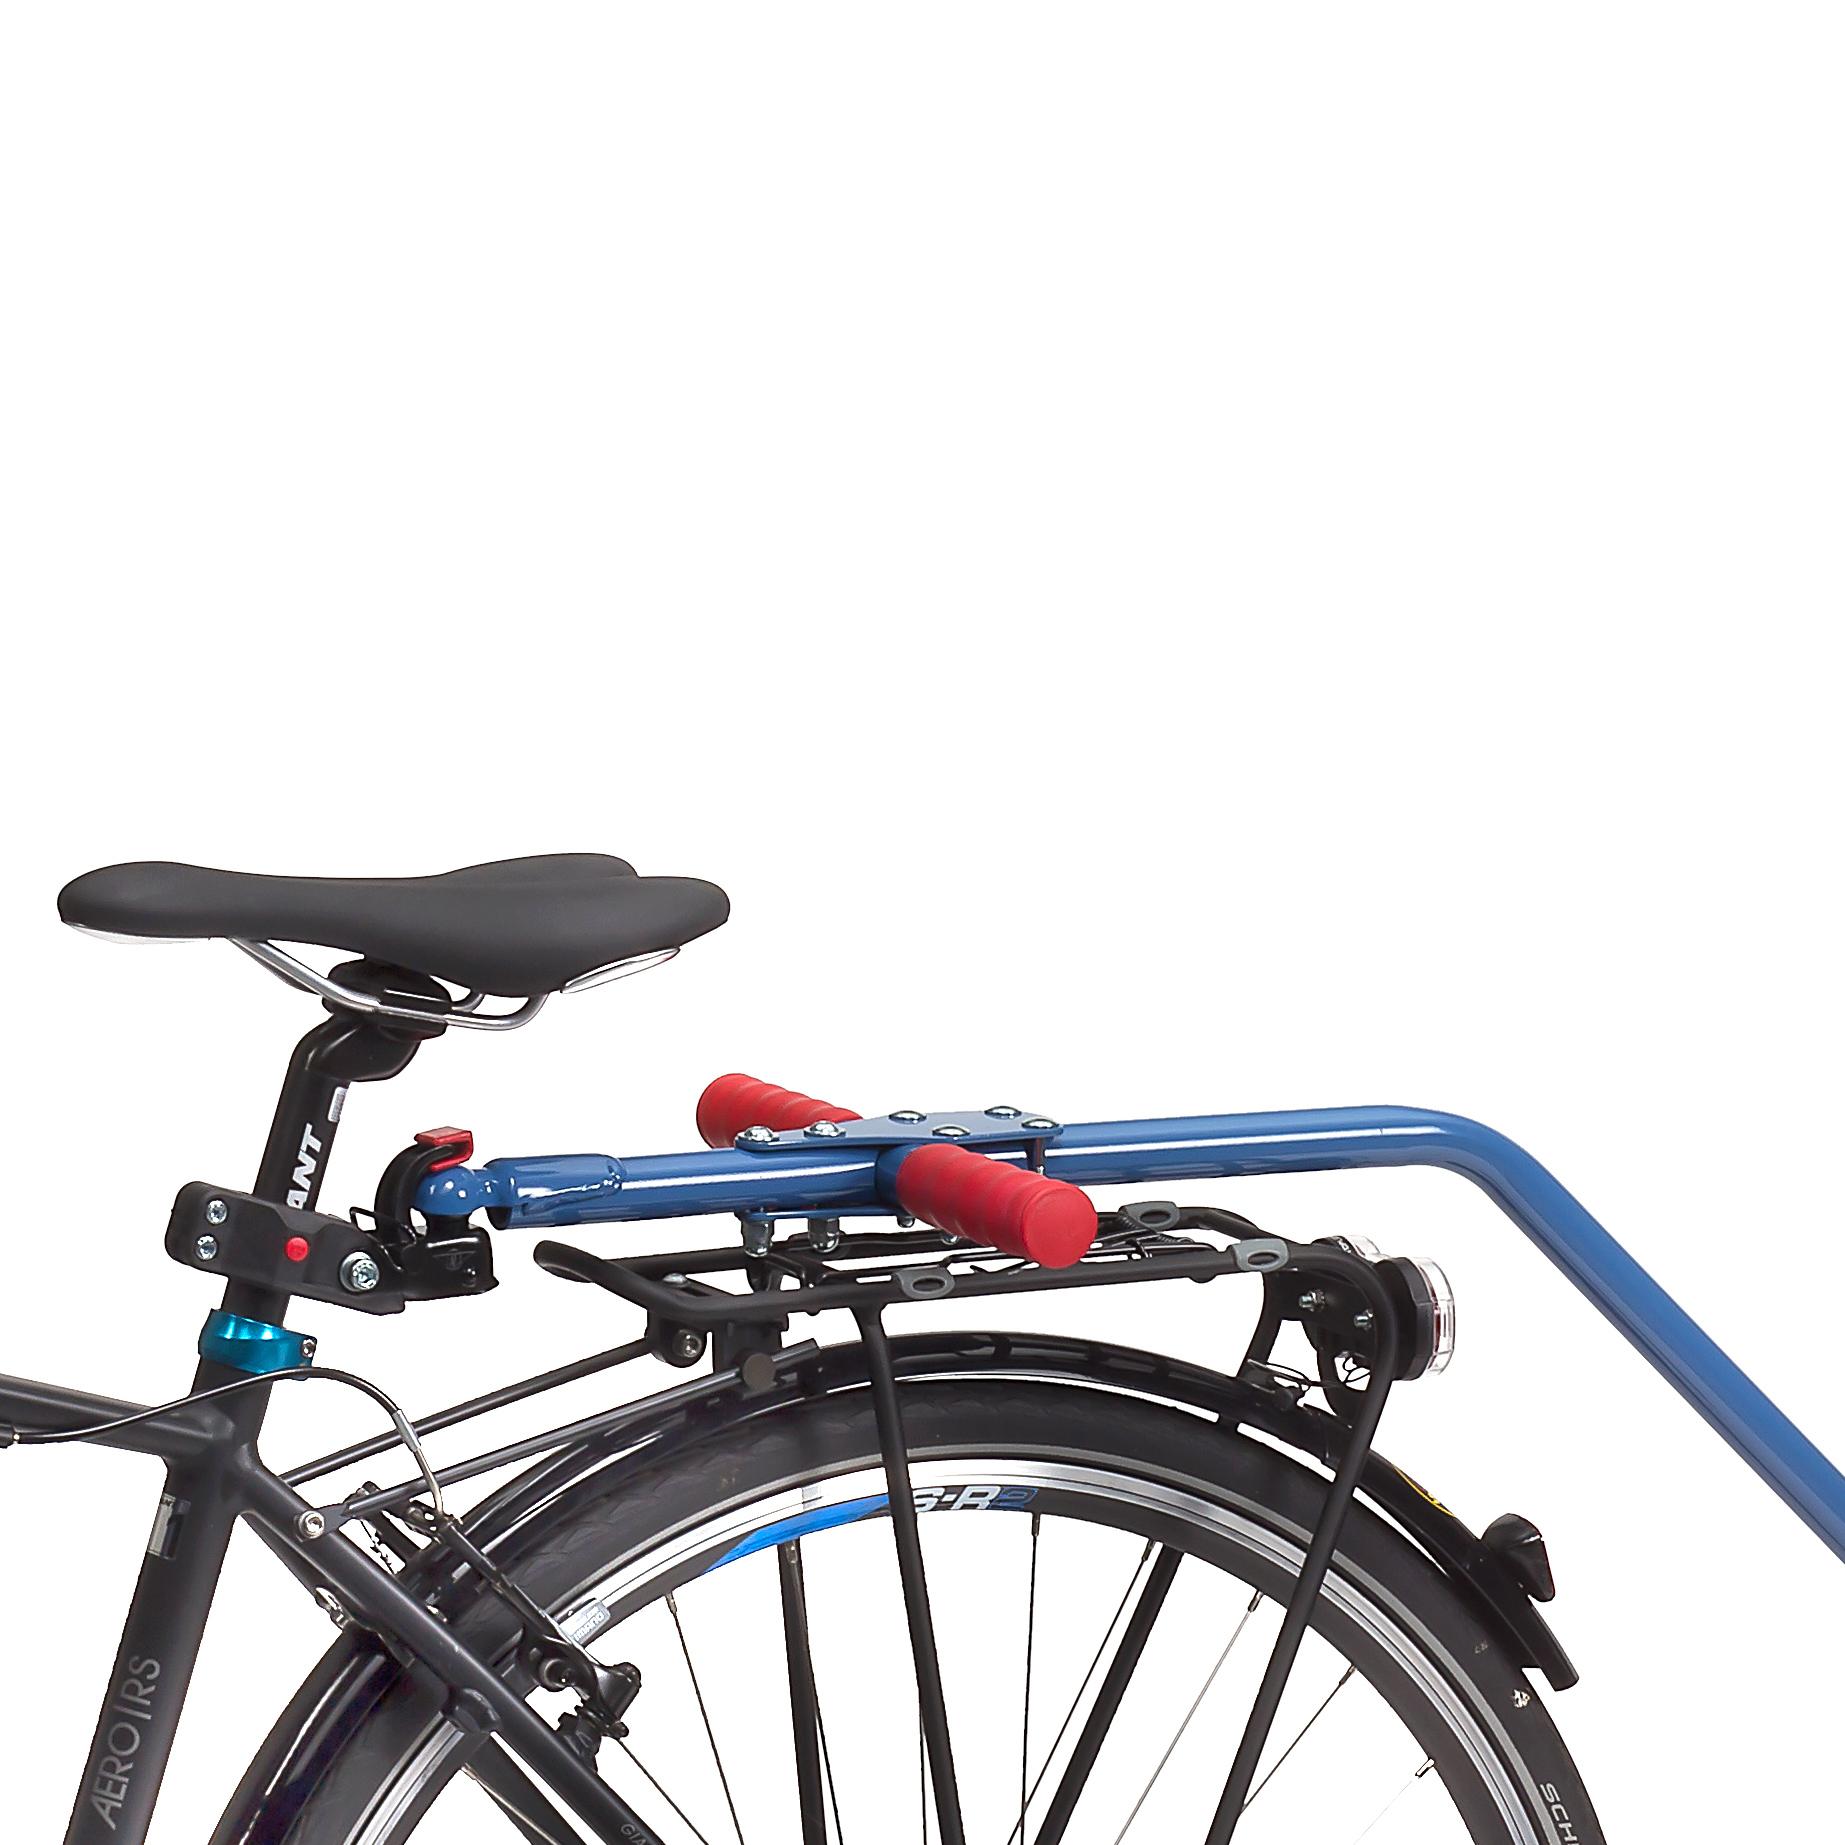 Fetra Fahrradkupplung für Handwagen, Nachrüst-Set 1298